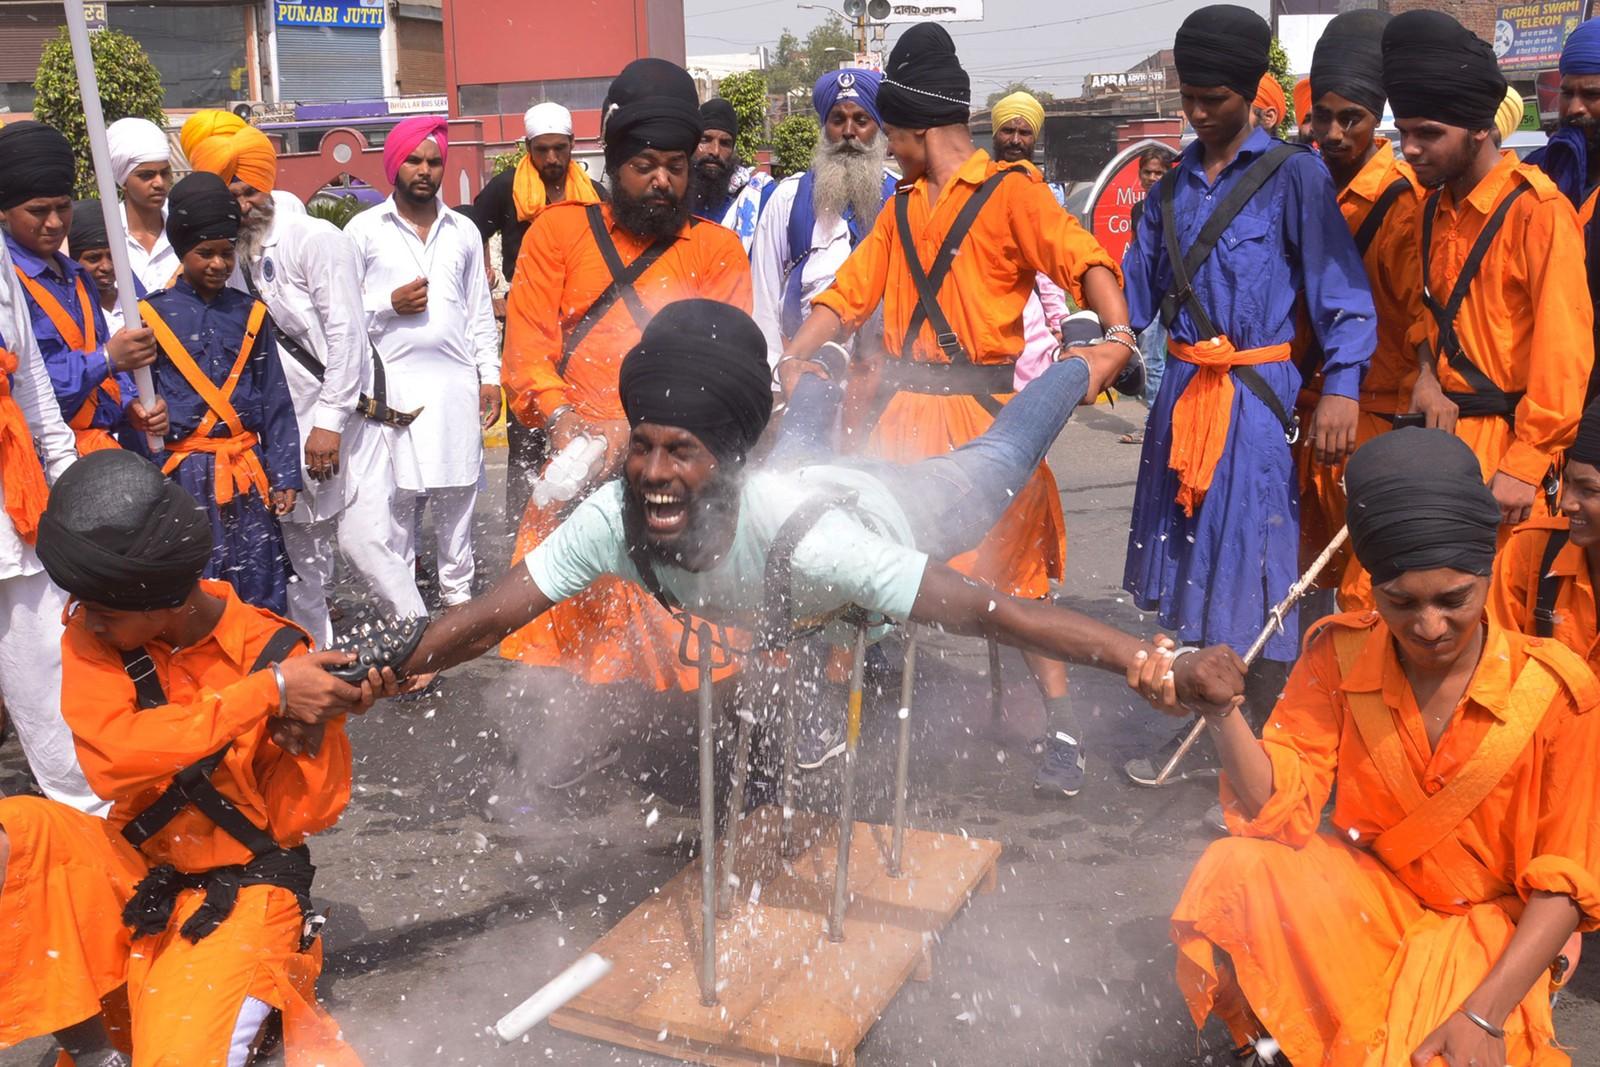 En indisk sikh-kriger (Nihang) demonstrerer sine kampsport-ferdigheter, kalt Gatka. Opptredenen markerte 354 år siden den berømte sikh-krigeren Shaheed Baba Jiwan Singh ble født.